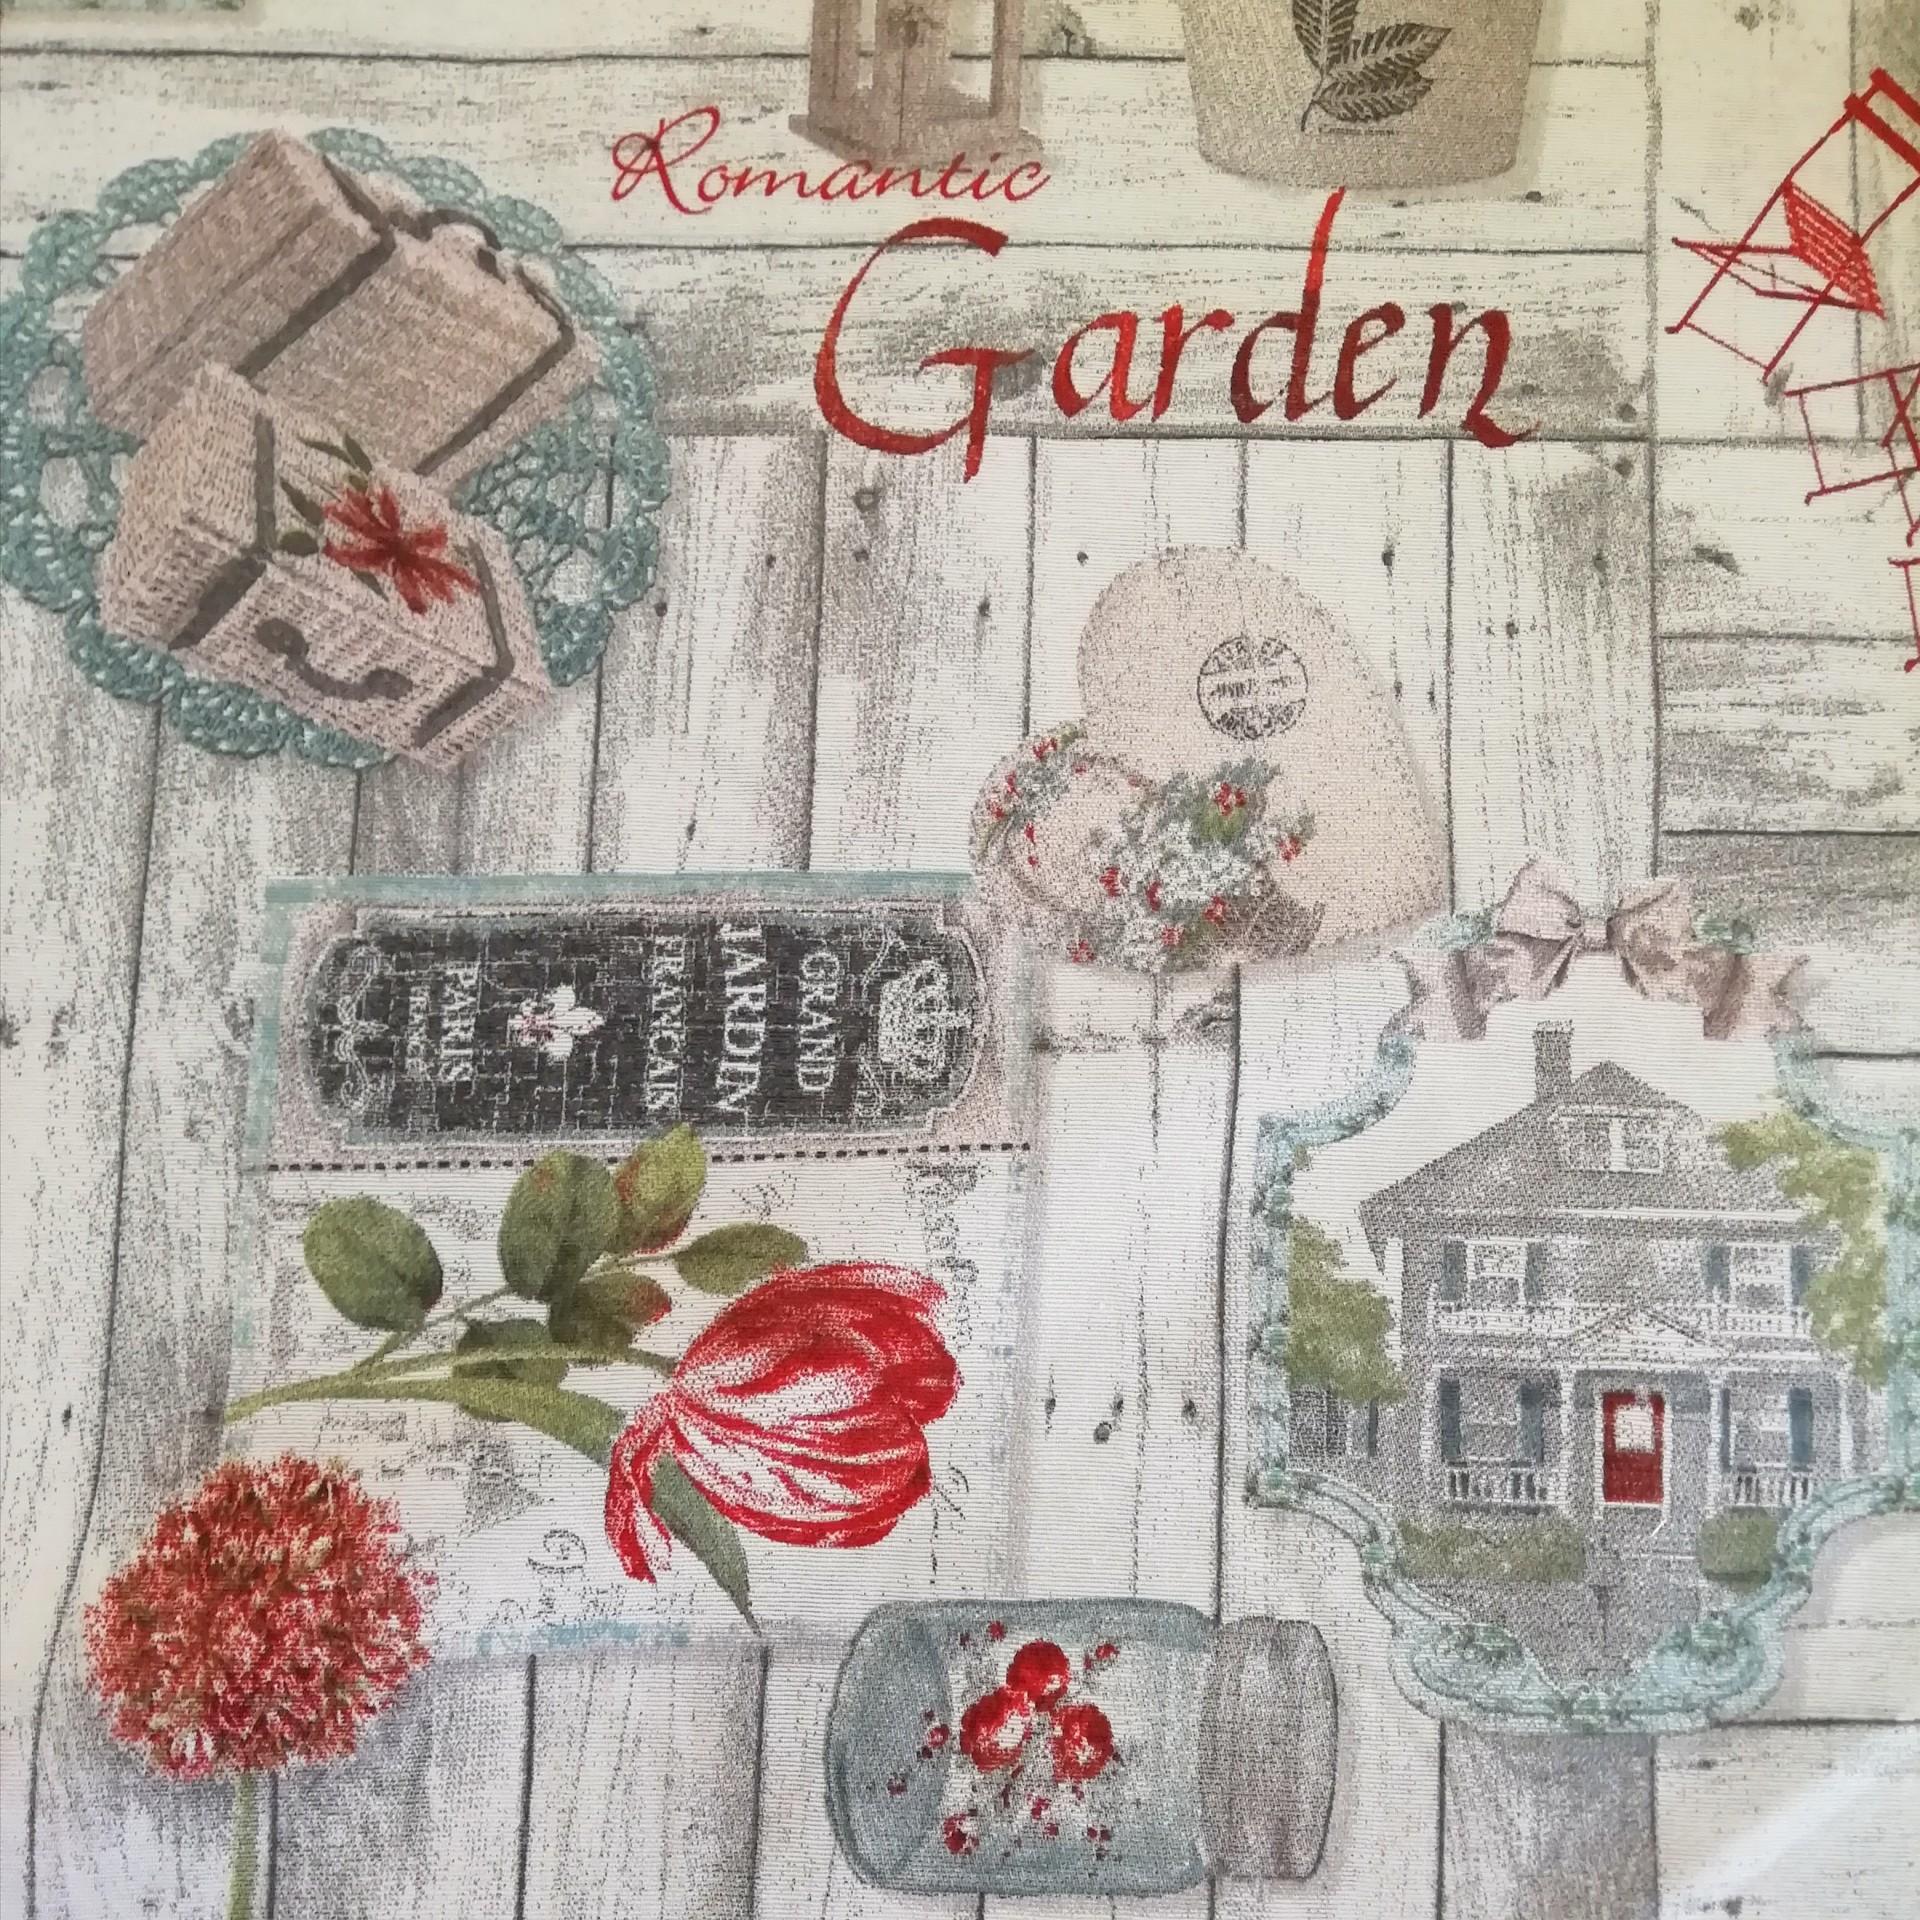 Tecido Romantic Garden